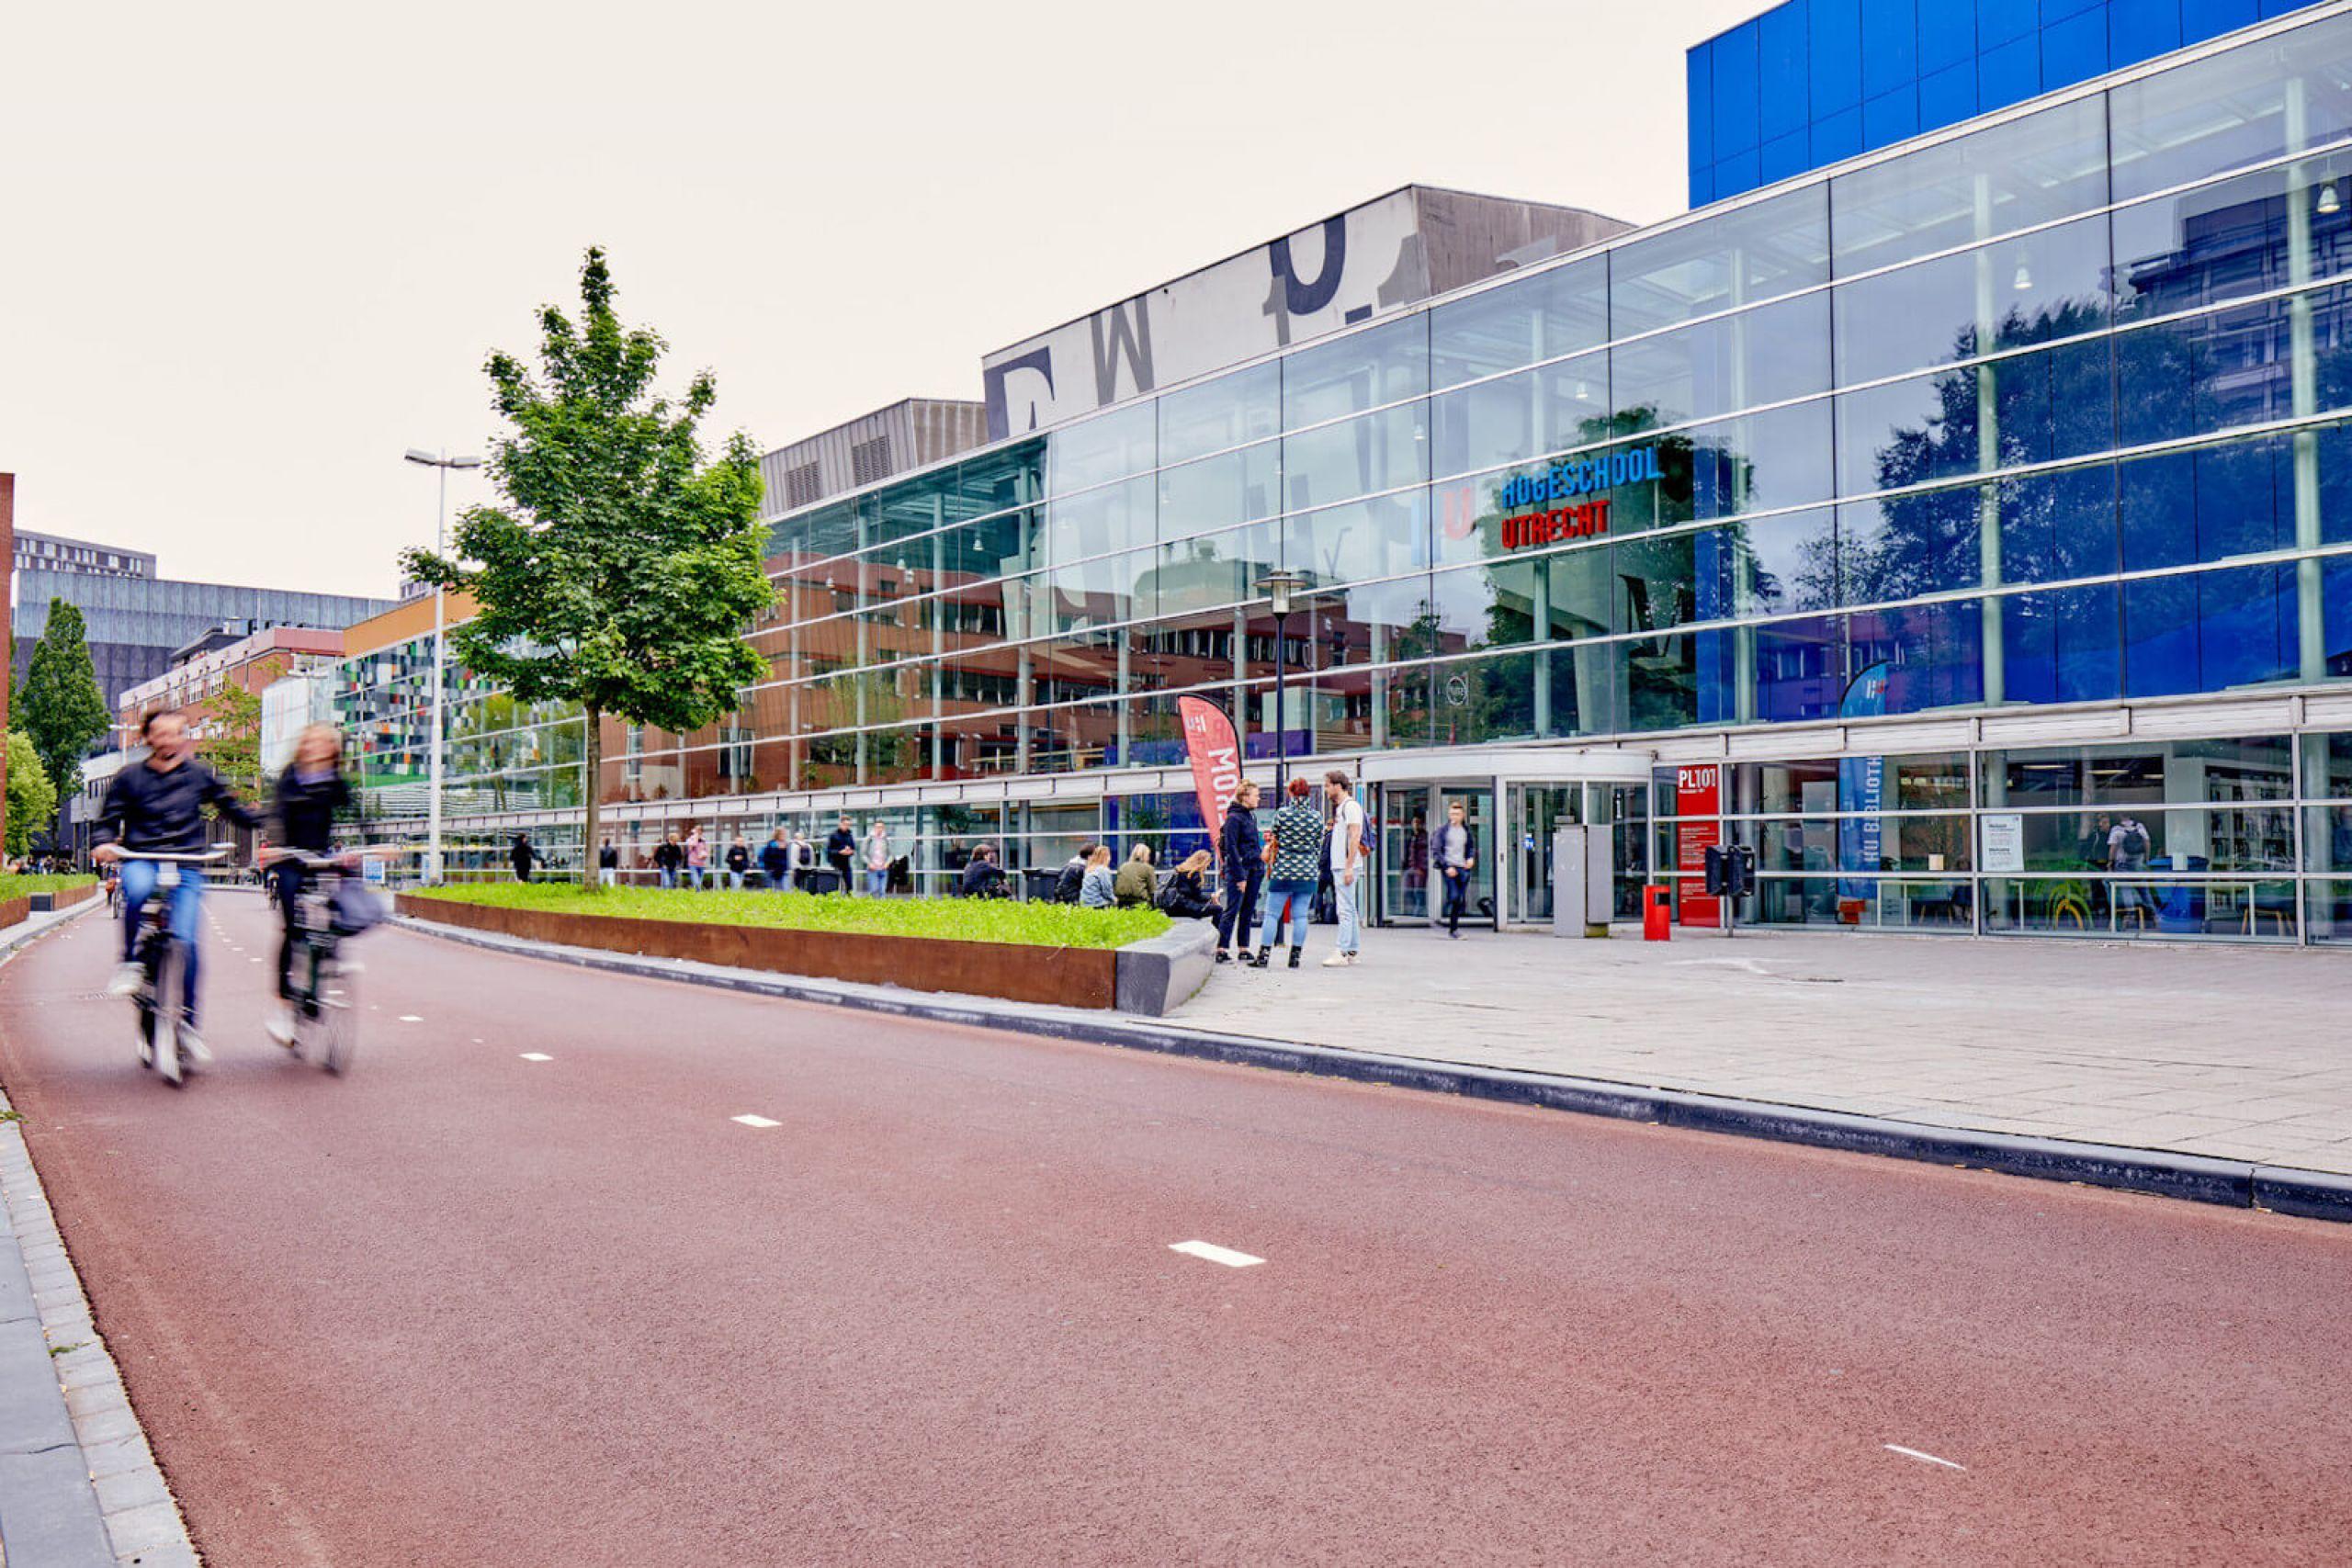 Hu Universität